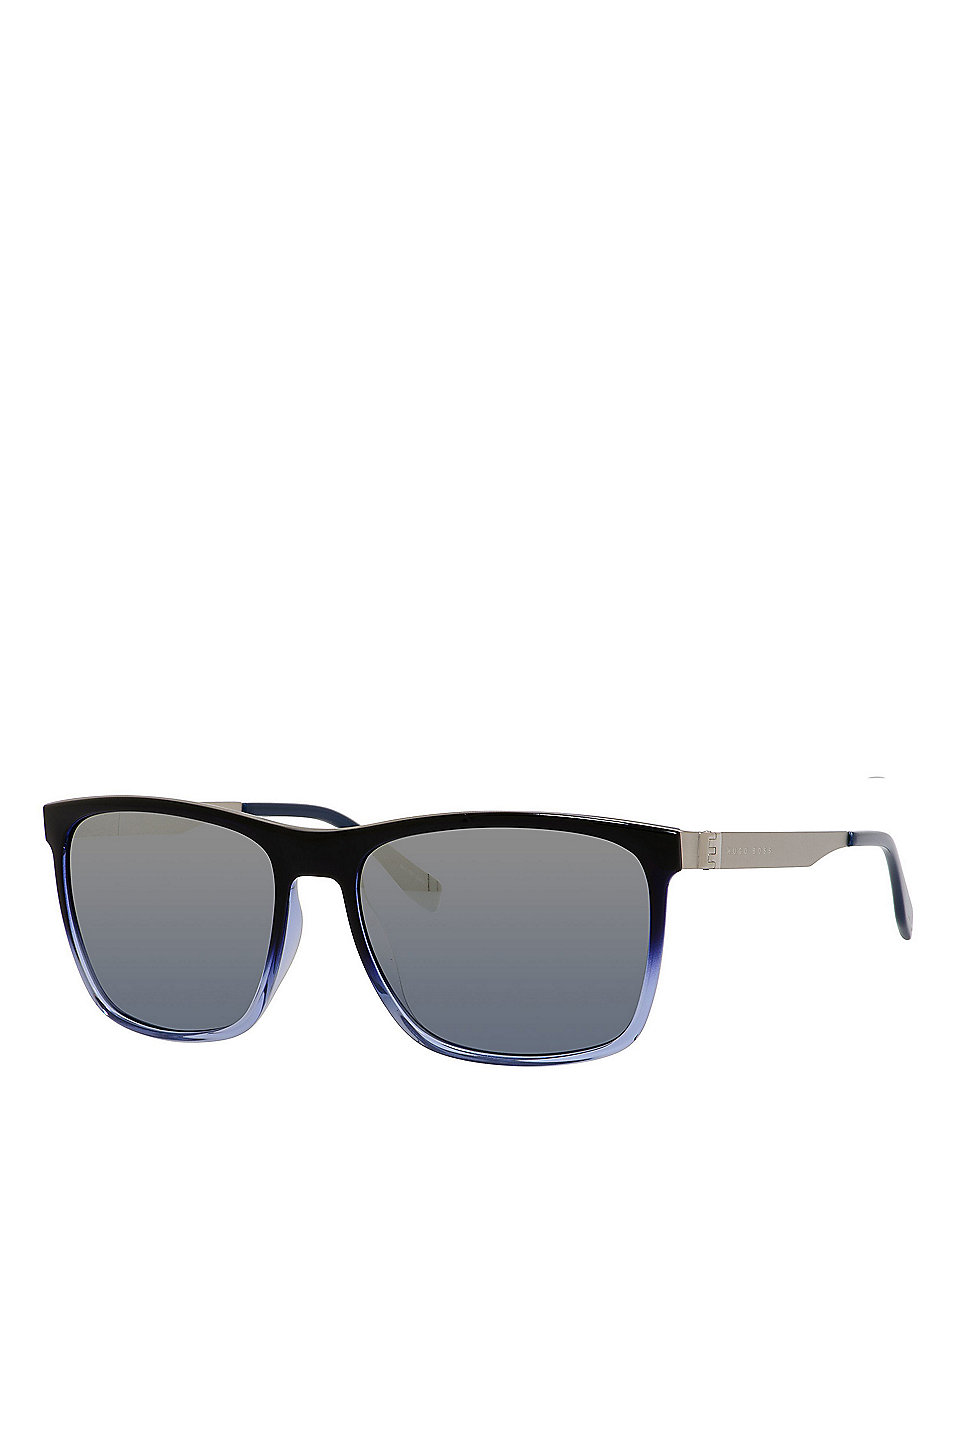 7a355f8cee9c BOSS - Blue Gradient Lens Rectangular Sunglasses | BOSS 0671S